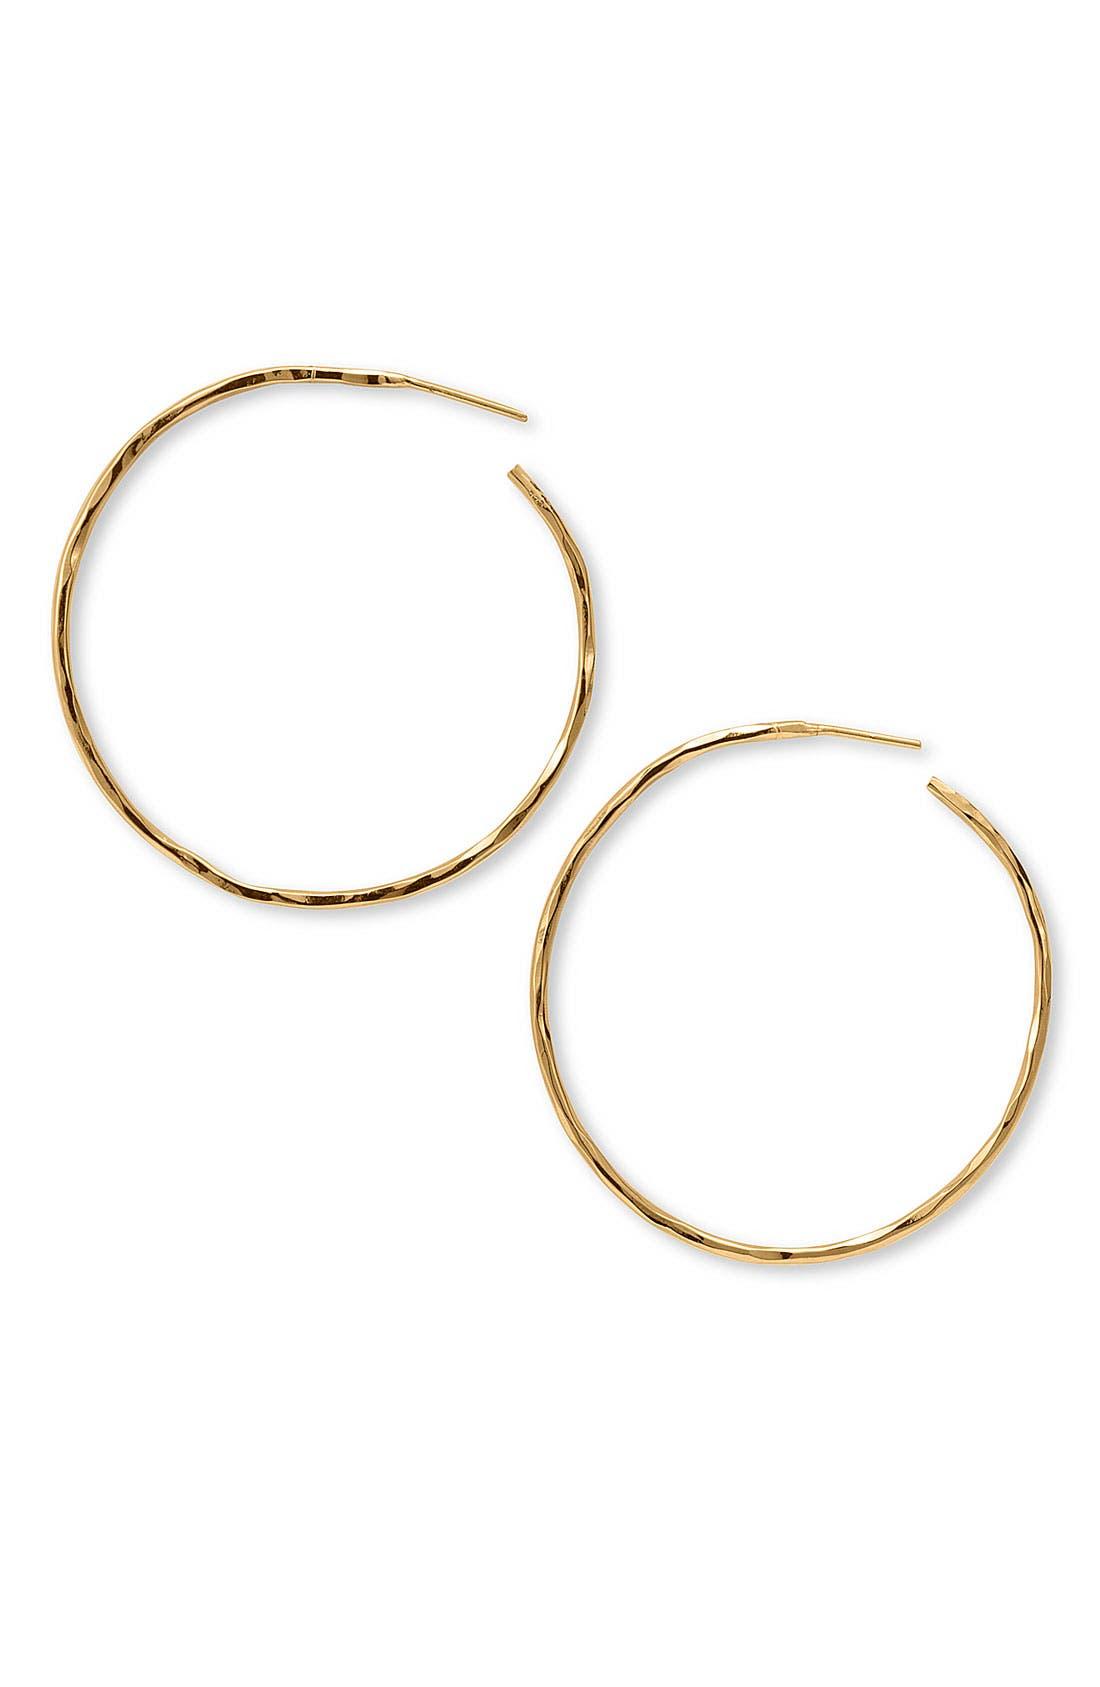 Hammered Large Hoop Earrings,                         Main,                         color, Gold Vermeil